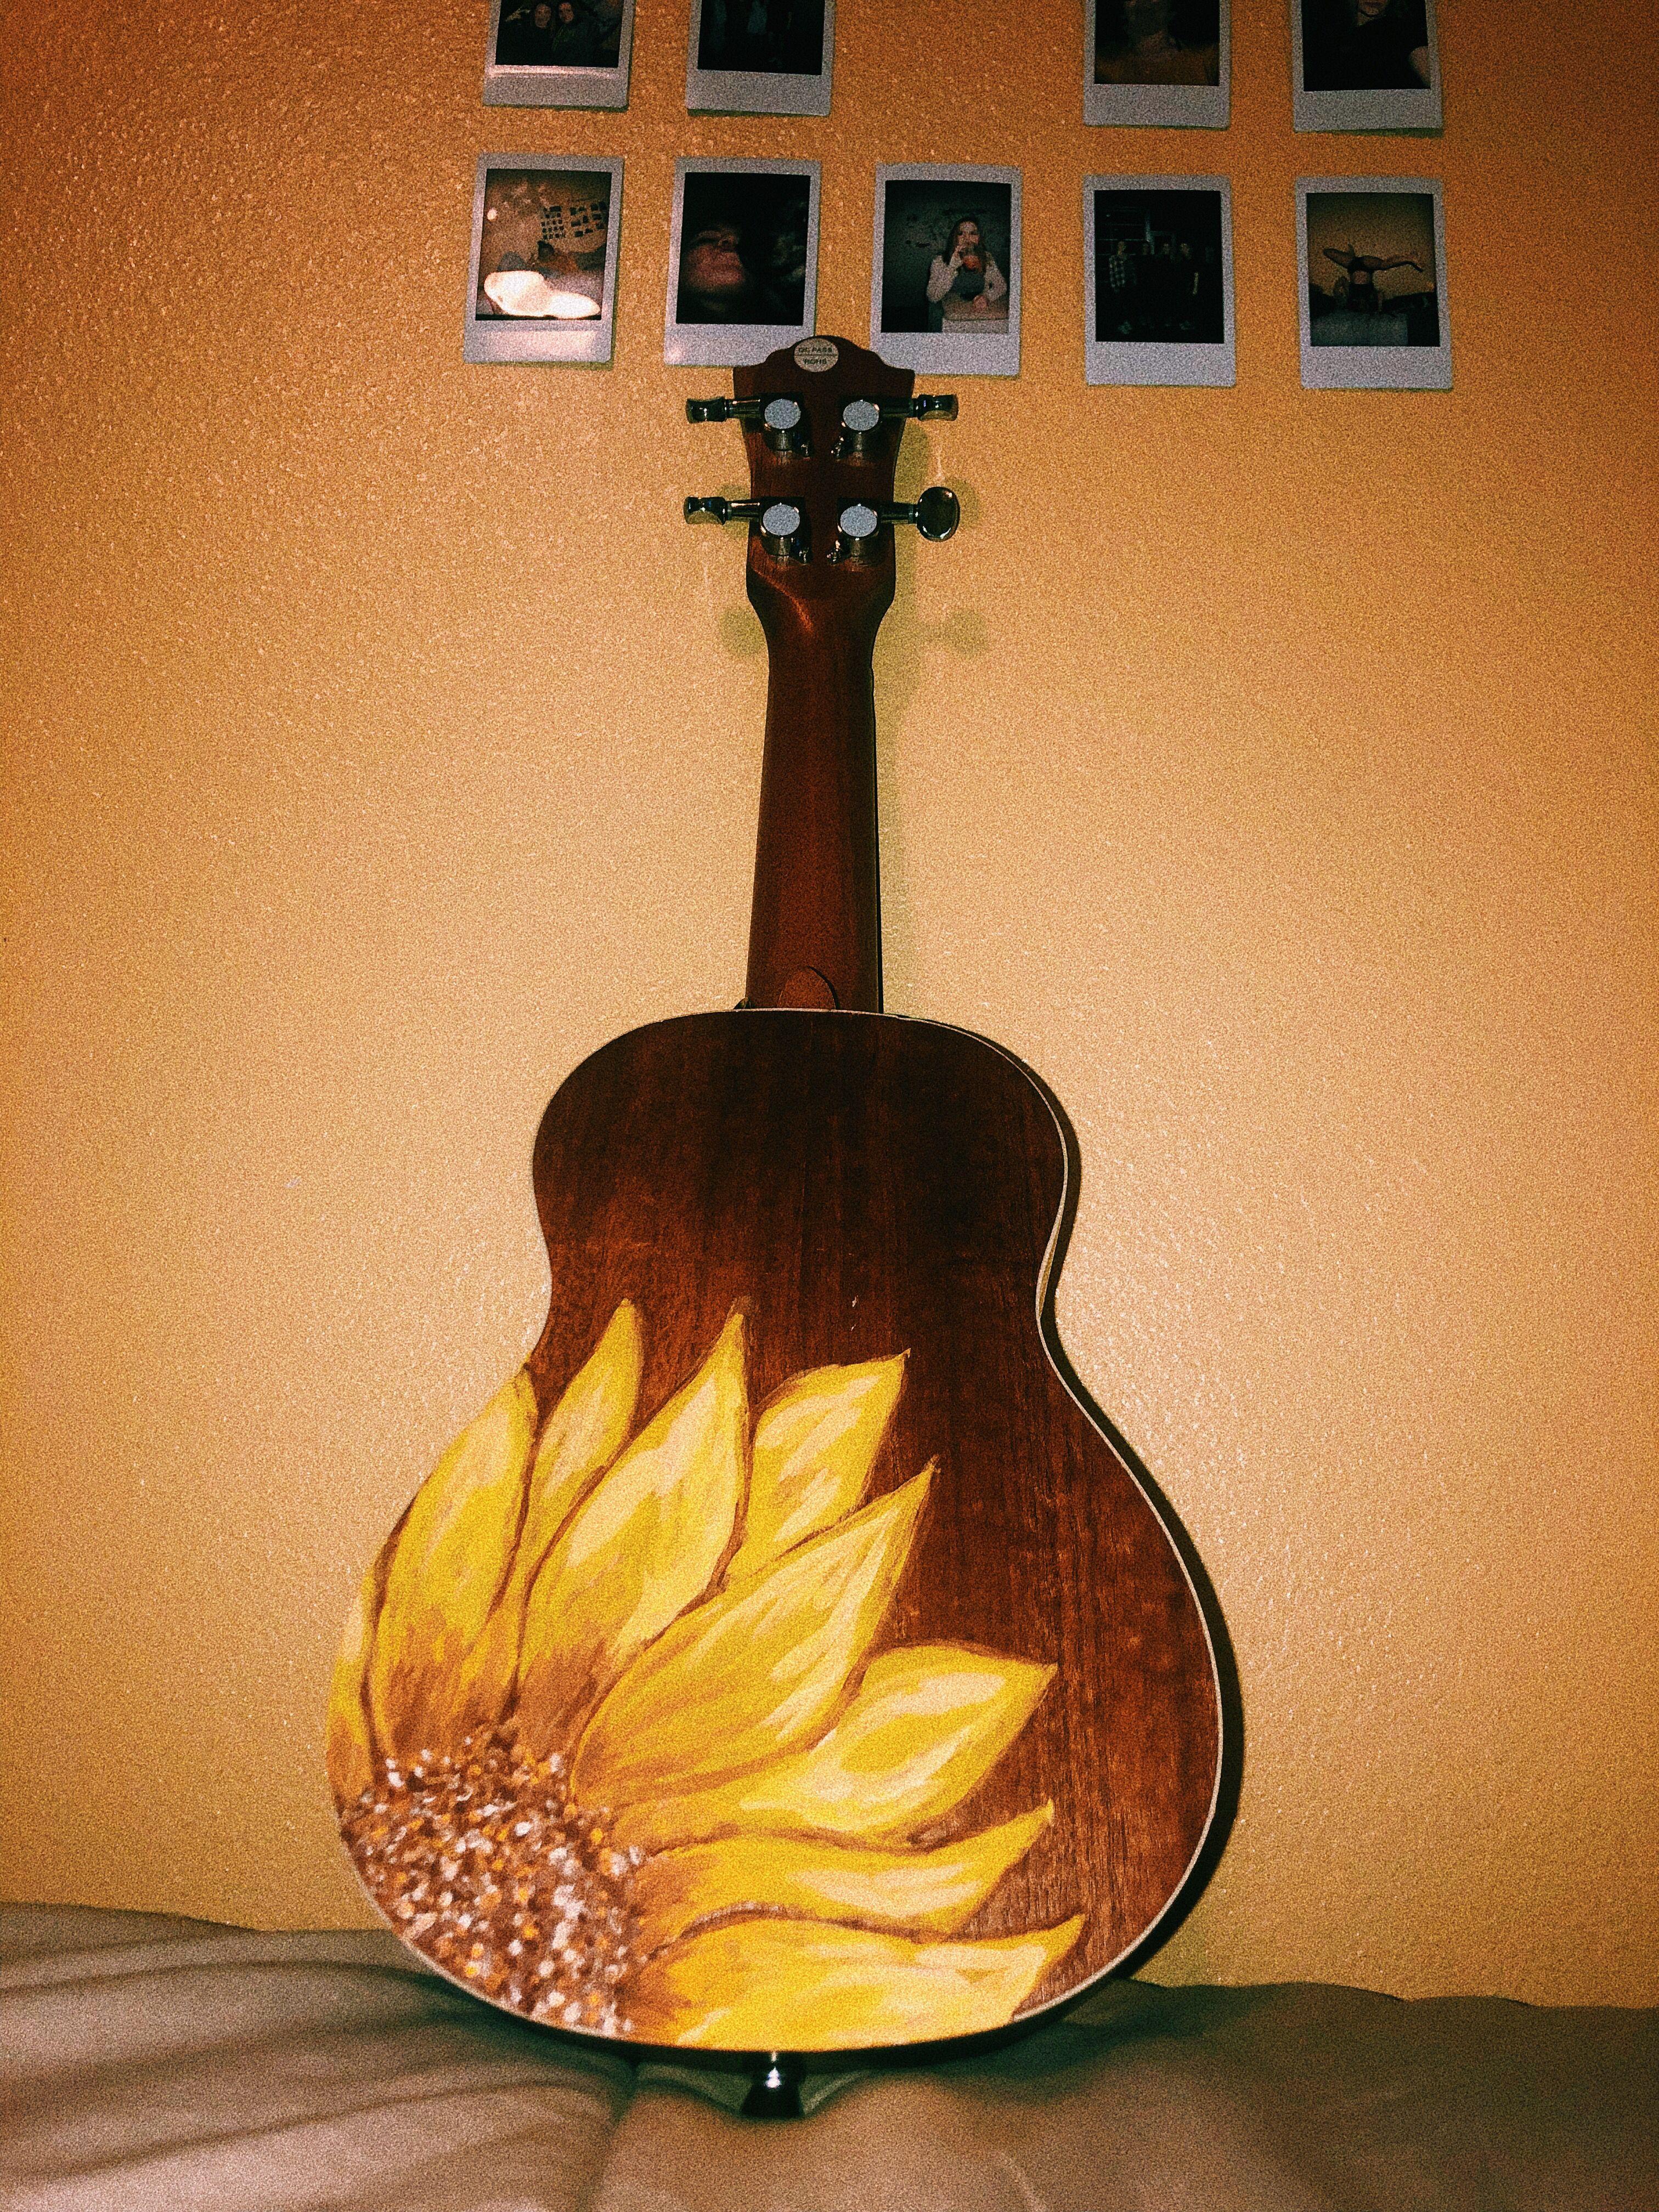 Sunflower Painted Ukulele Painted Ukulele Cute Canvas Paintings Sunflower Painting